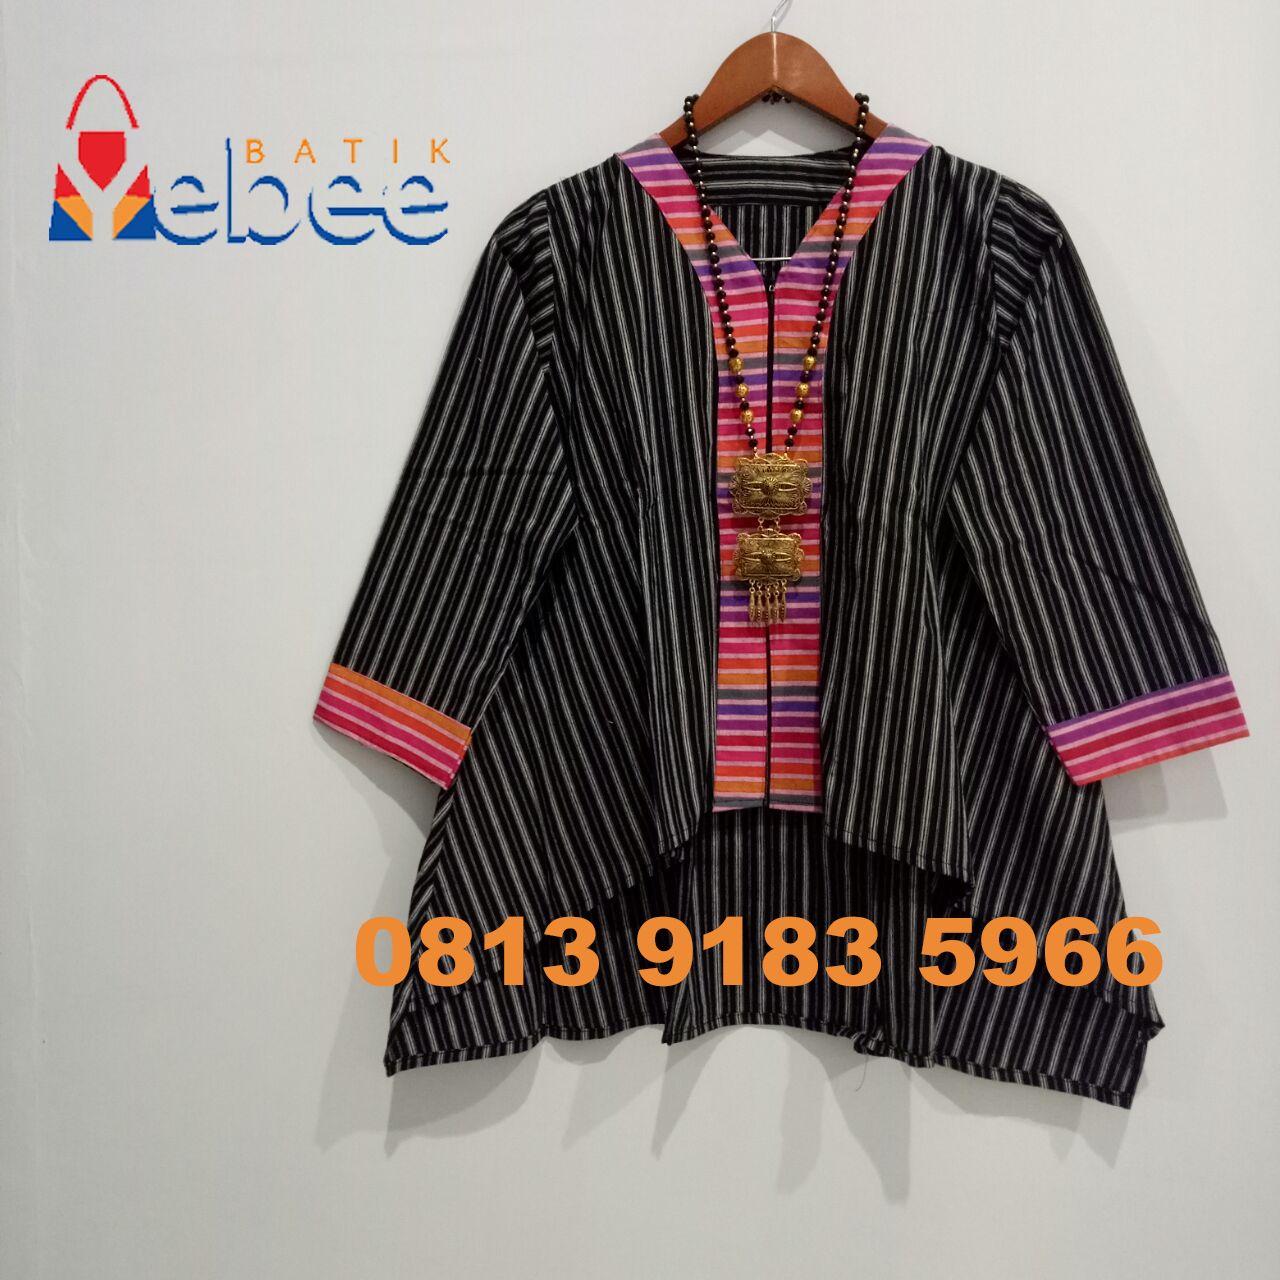 Harga Kain Batik Harga Seragam Batik Untuk Pernikahan Jaket Batik